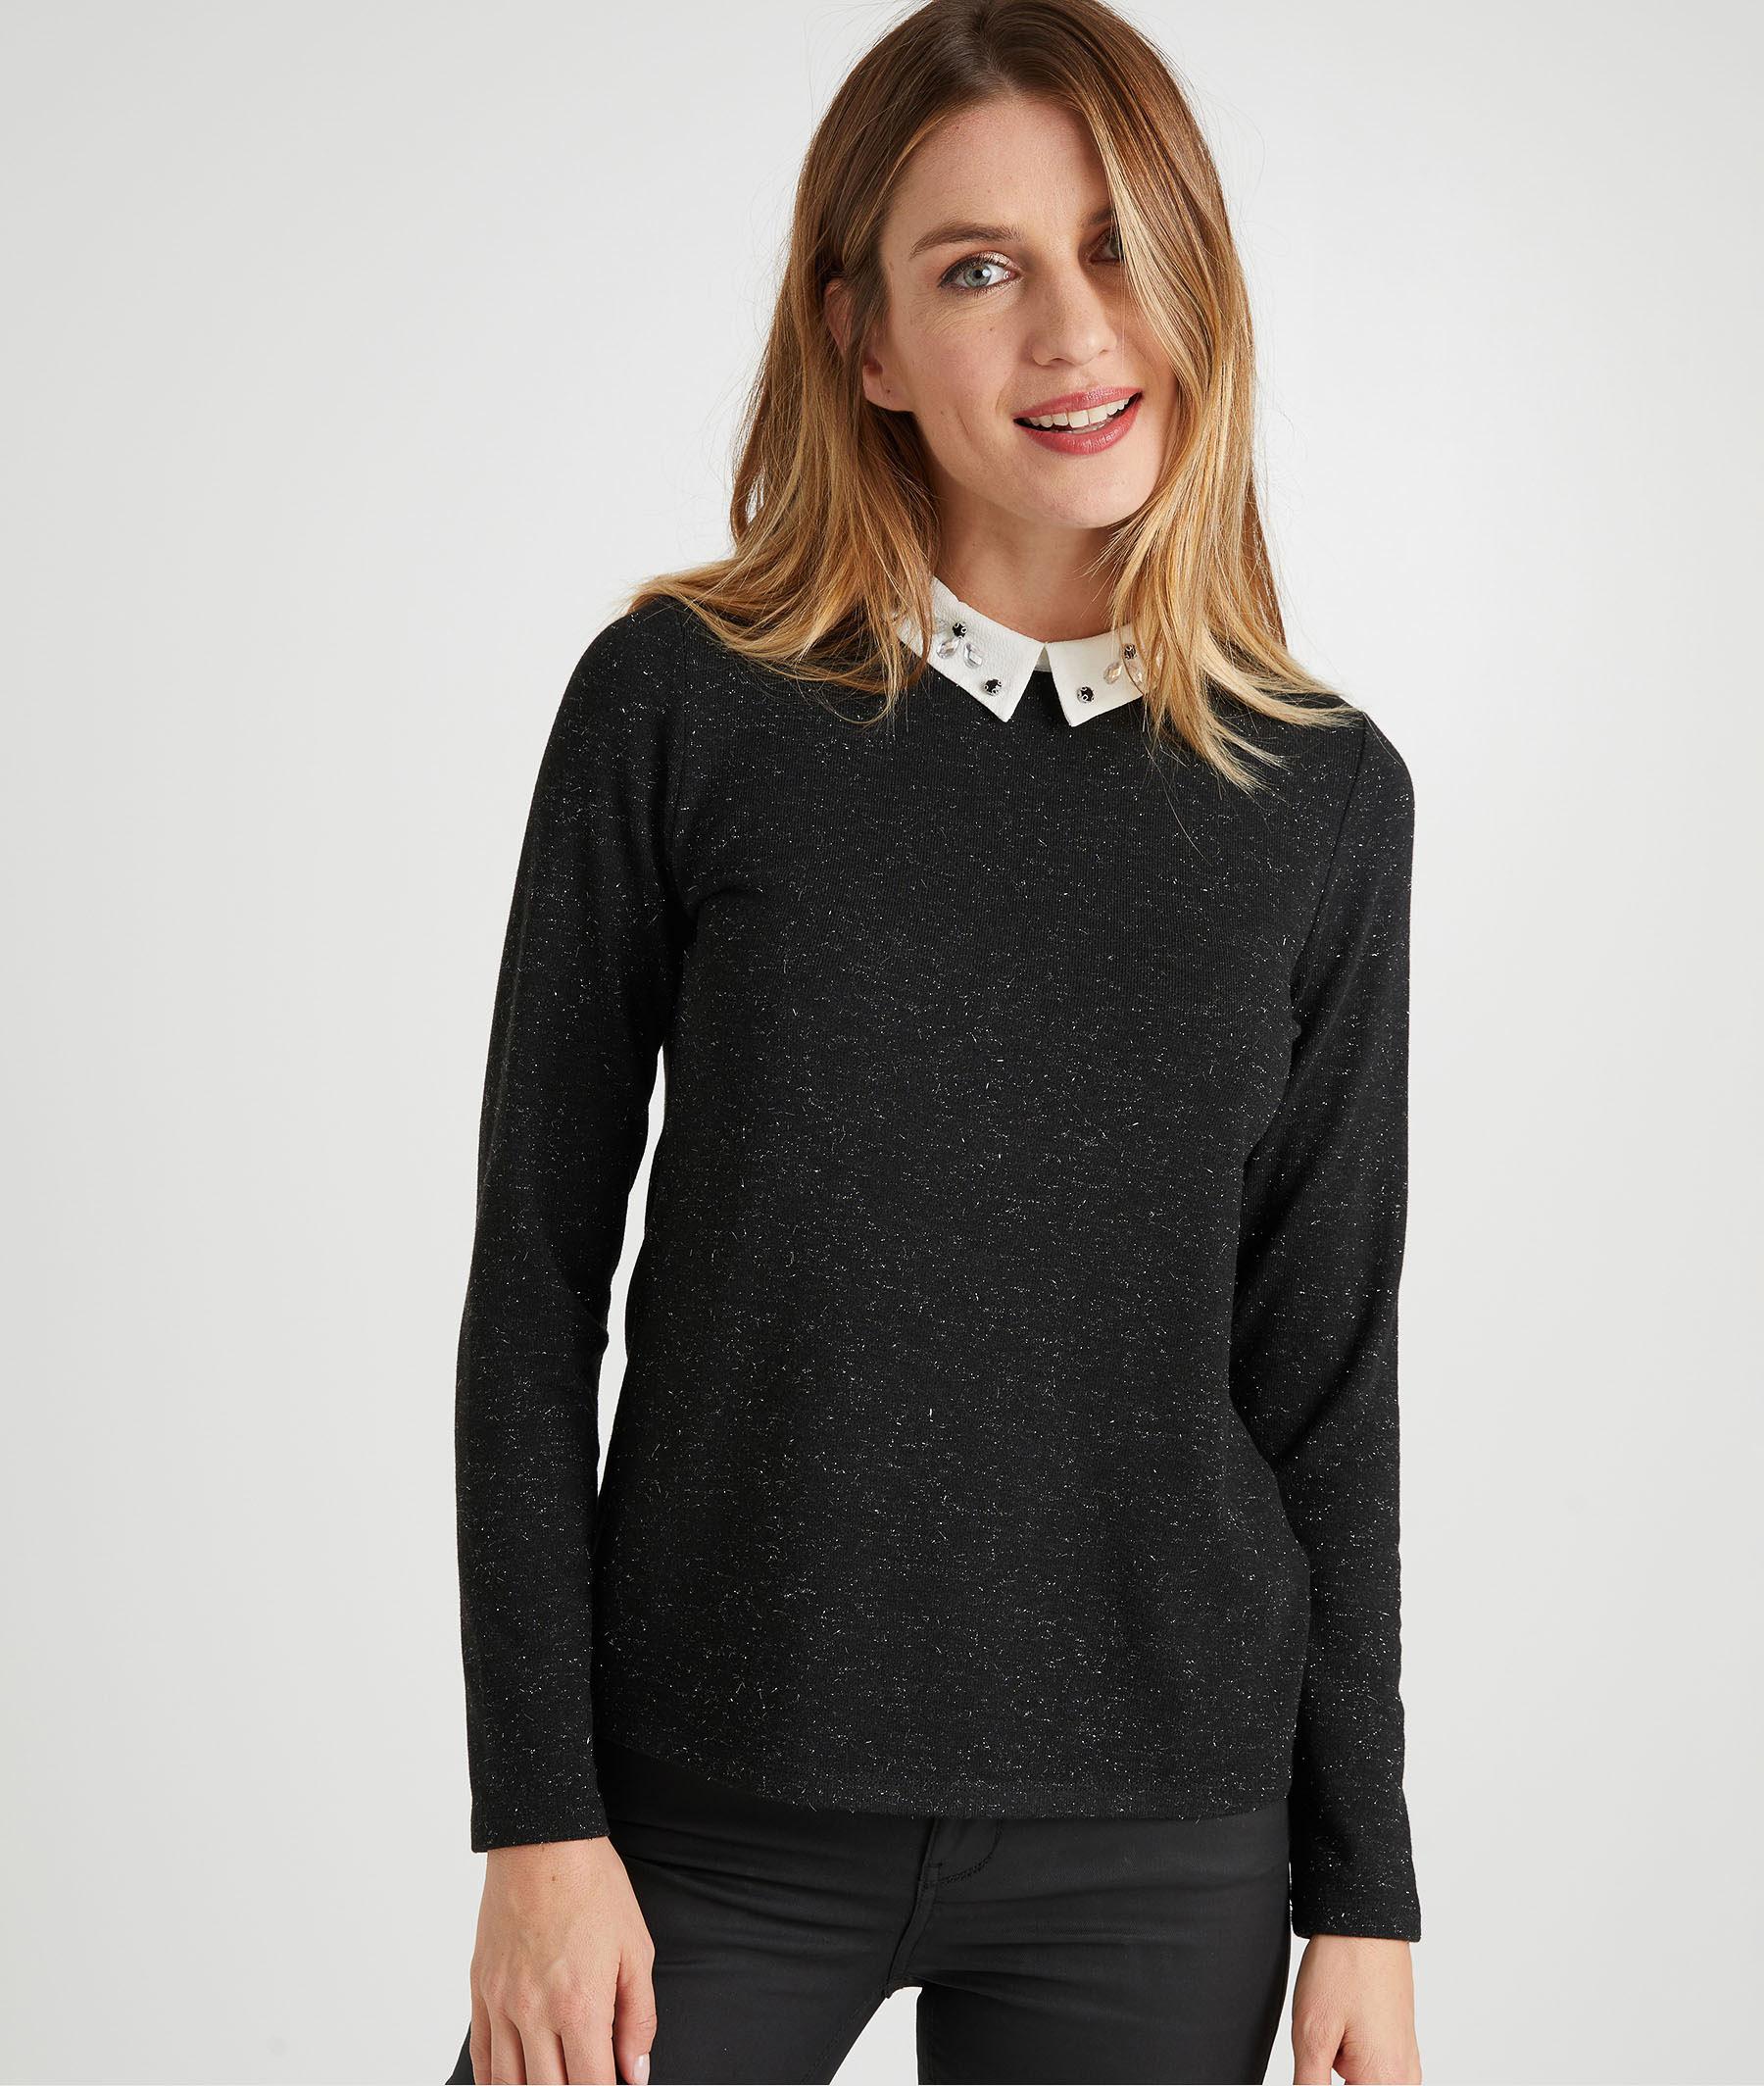 T-shirt noir col chemise femme GRIS